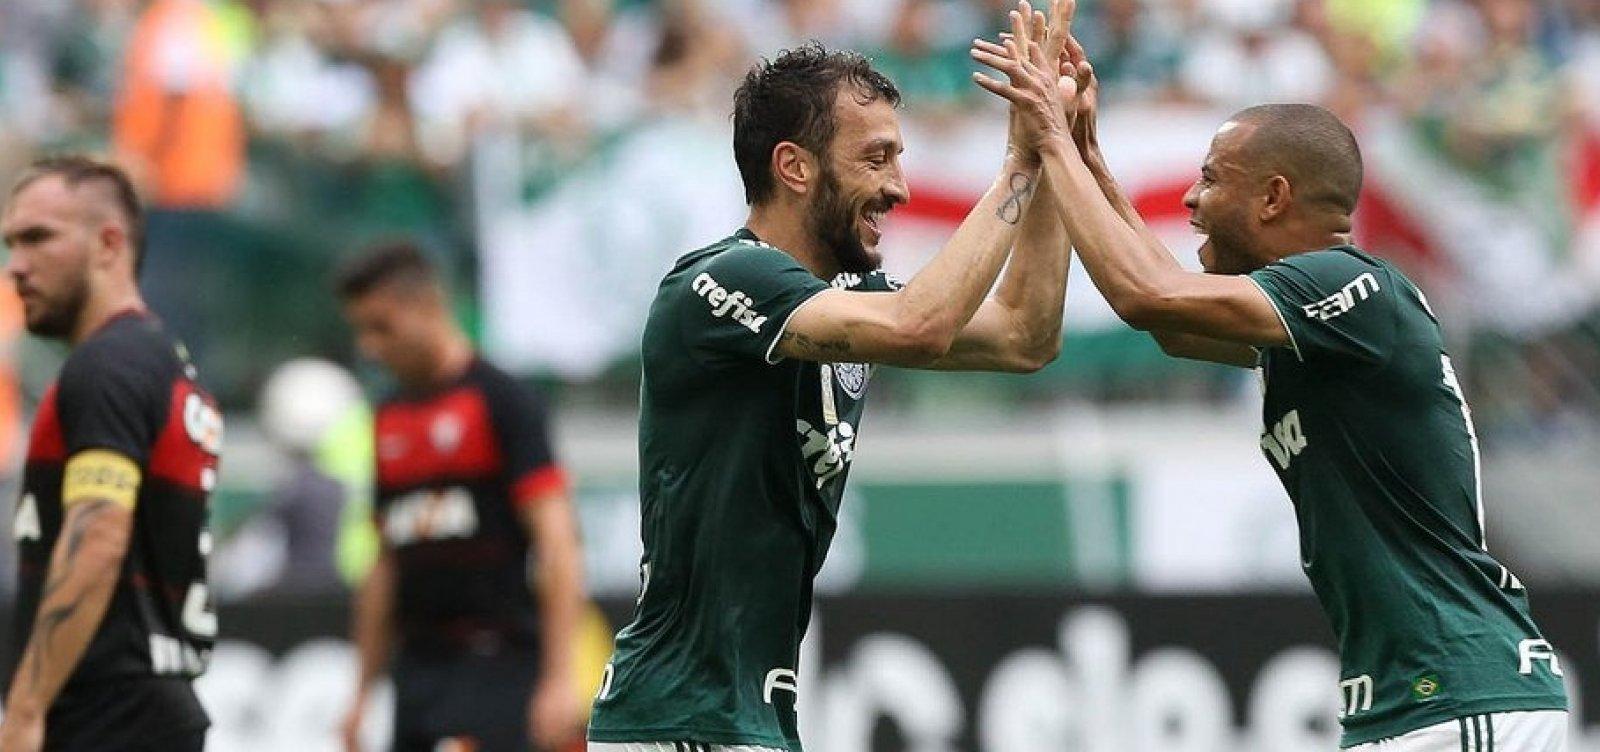 [Rebaixado, Vitória perde para o Palmeiras por 3 a 2]